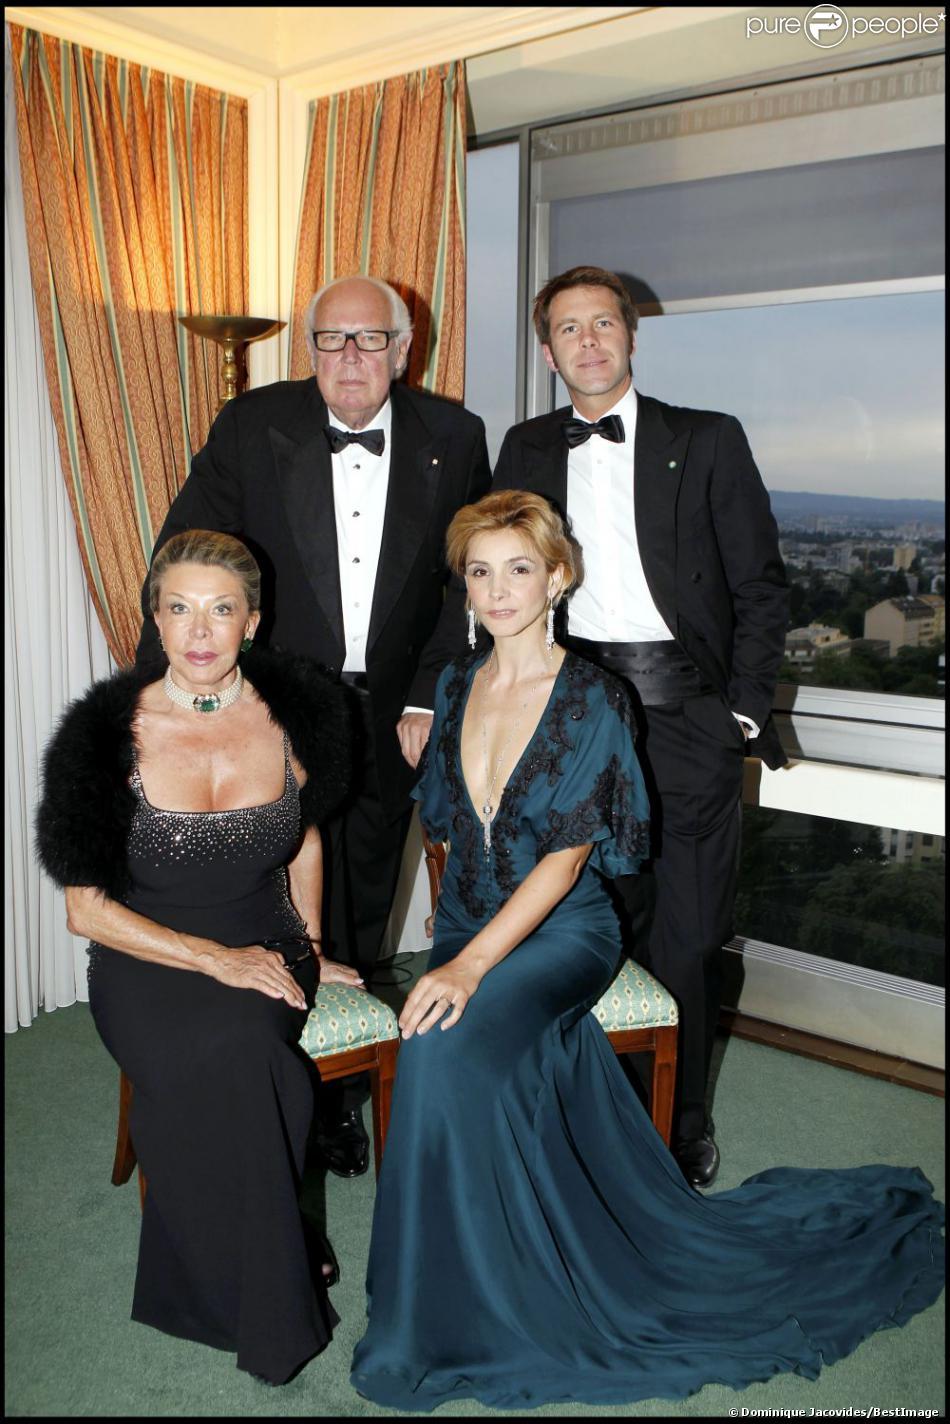 Le prince Victor-Emmanuel de Savoie avec son fils le prince Emmanuel-Philibert, sa femme la princesse Marina et sa belle-fille la princesse Clotilde en mai 2010 à l'Intercontinental de Genève pour un dîner de gala.